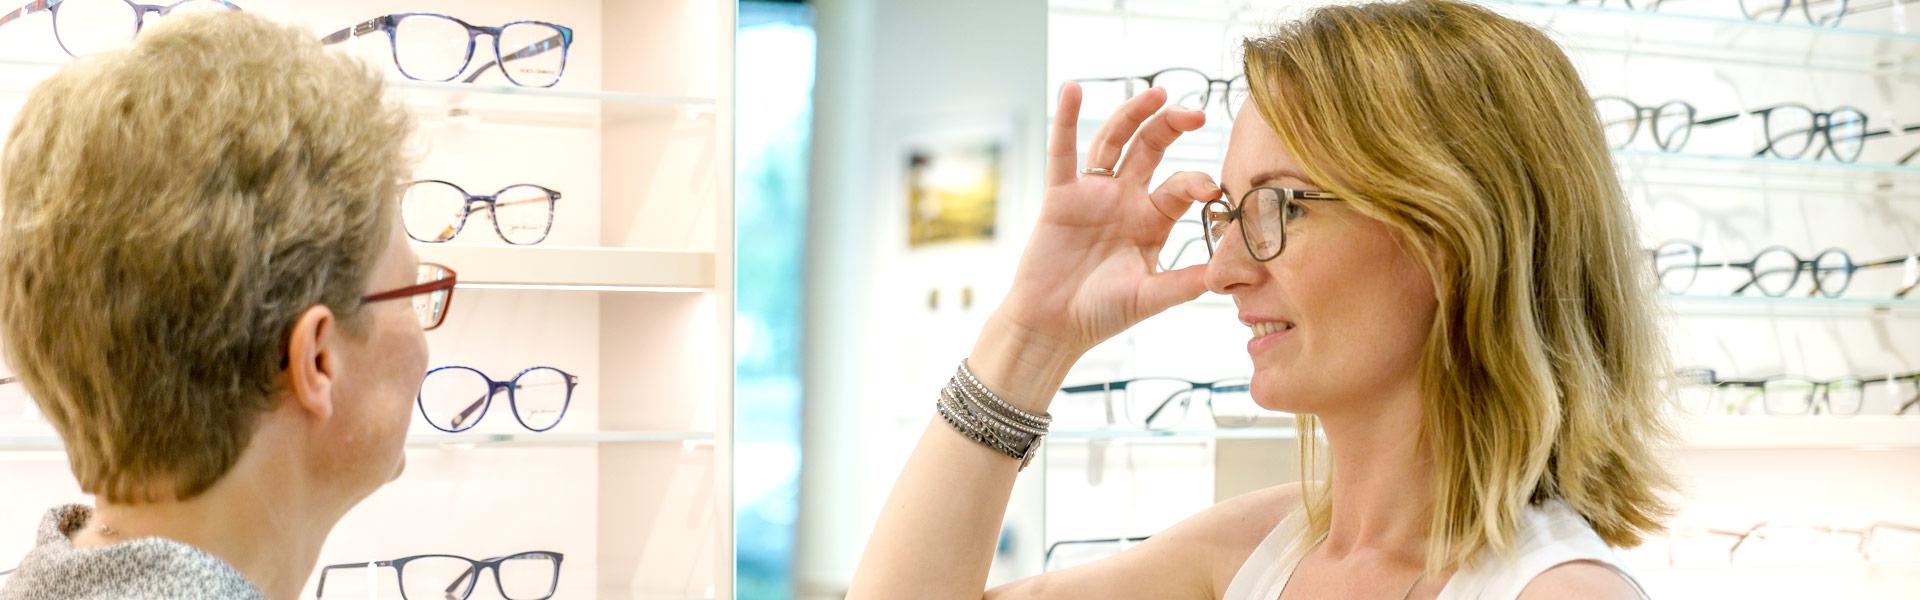 brillen kaufen